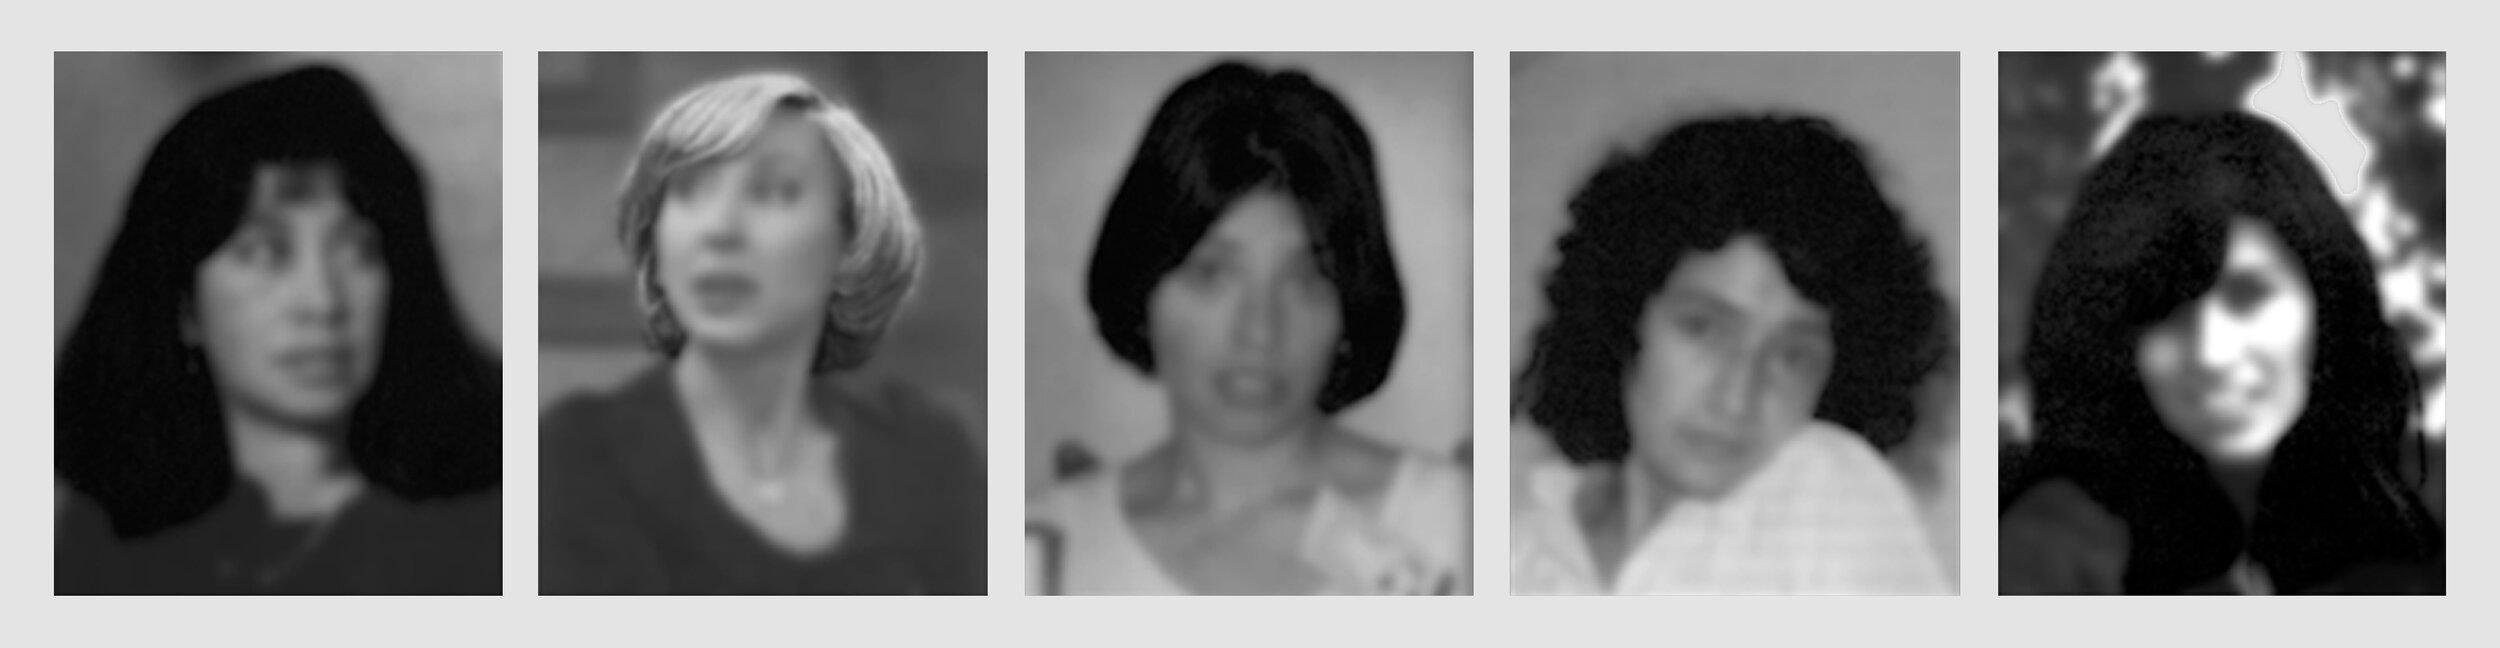 """""""Pelaje (las agentes)"""" de la exposición  ¡Qué tal raza!  en Galería Forum, 2002."""